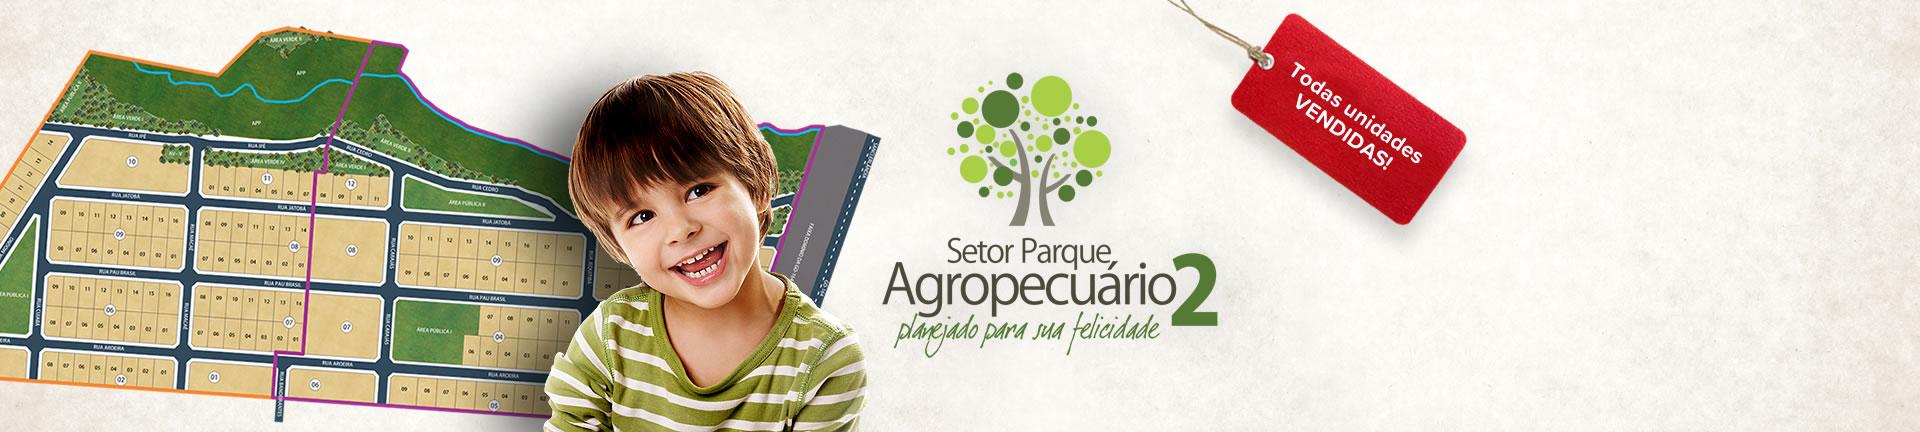 Setor Parque Agropecuário 2